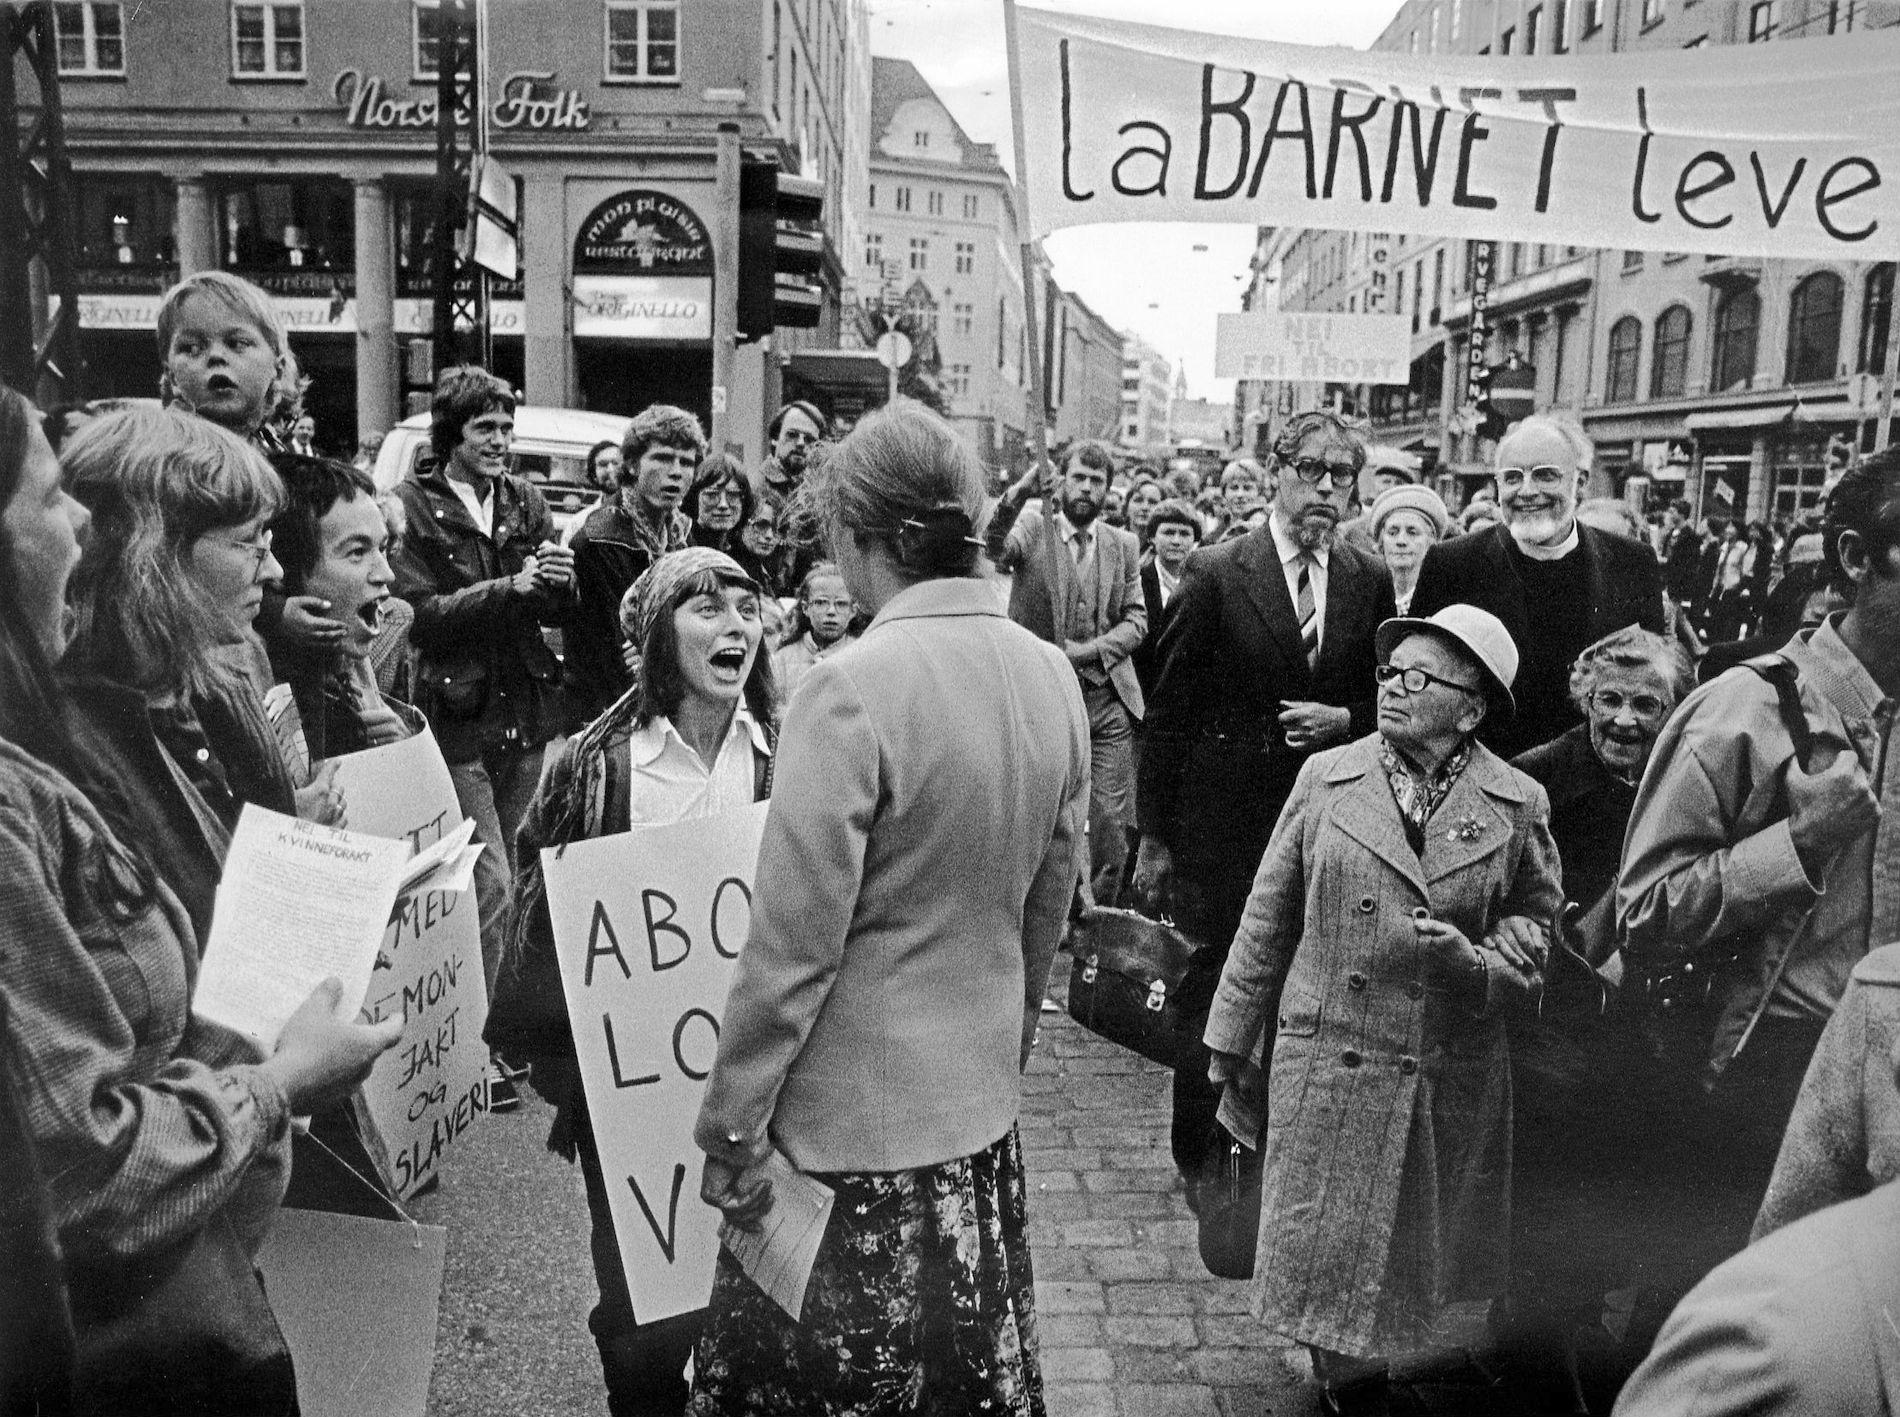 1981: Etter 1980 har det vært flere forsøk på å endre loven, men den er blitt stående. Bildet er fra en demonstrasjon i  Bergen i 1981, som motstandere av abort arrangerte.